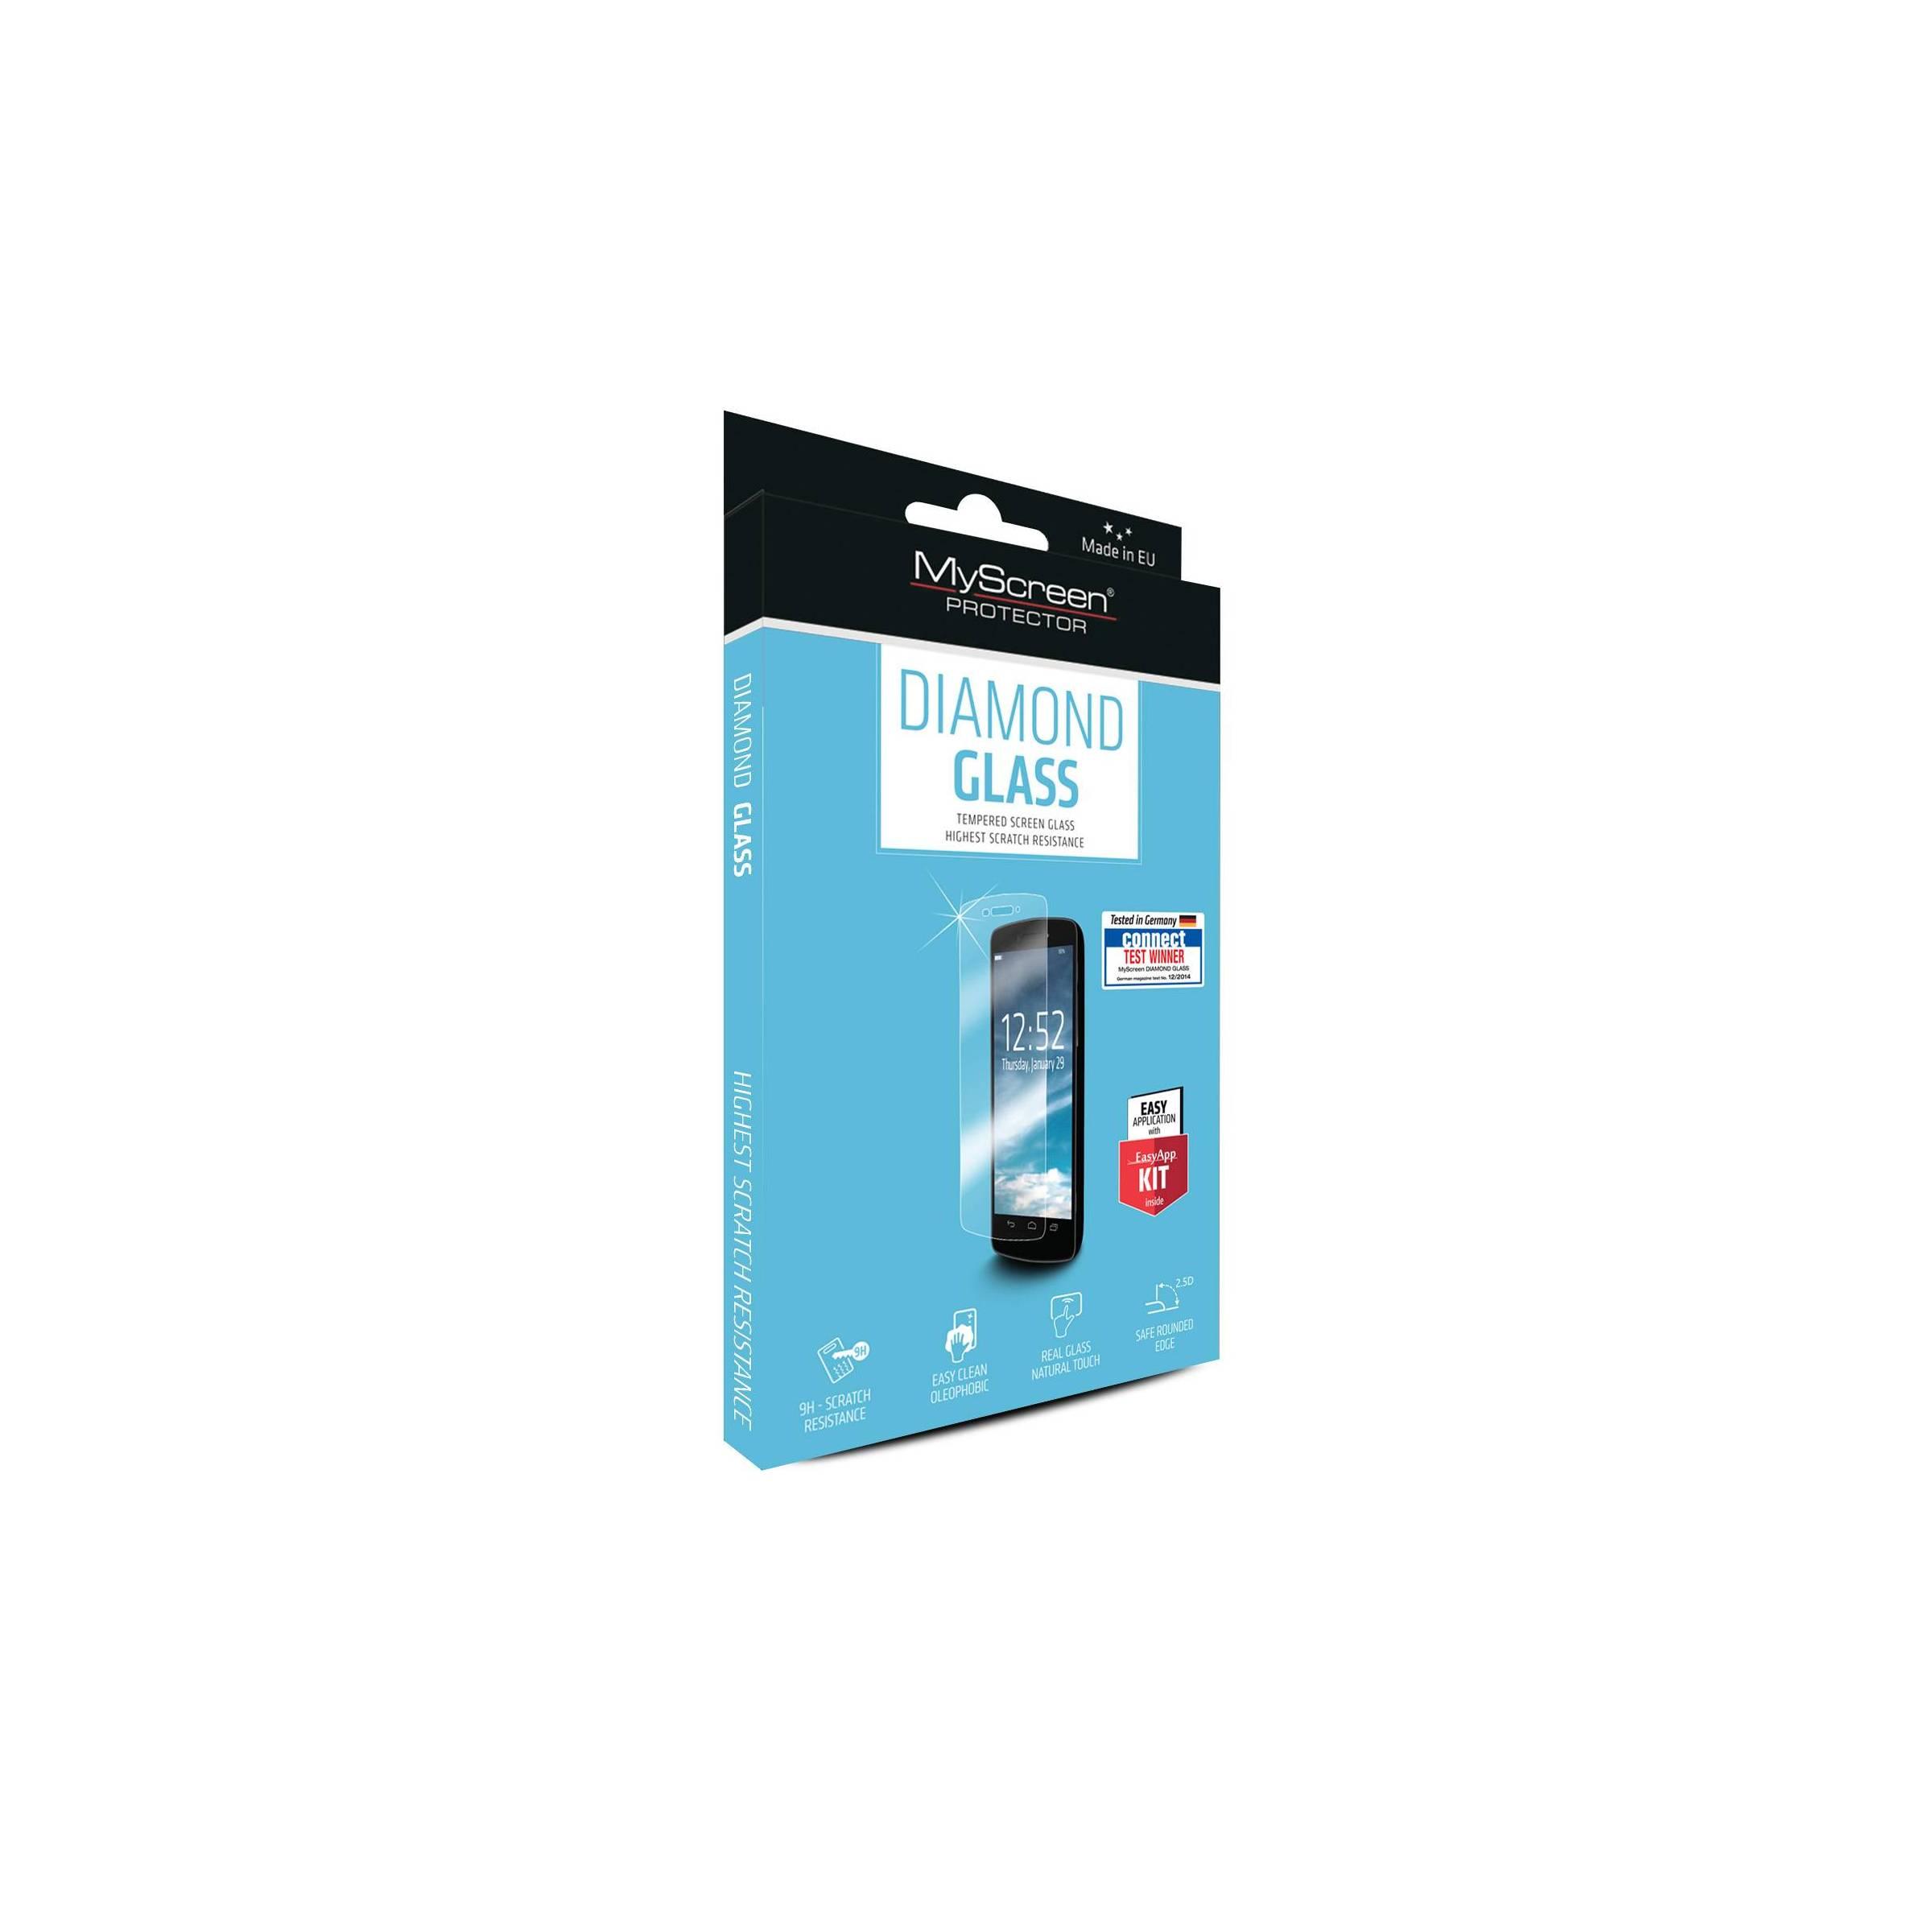 myscreen – Myscreen diamond iphone 4/4s beskyttelsesglas fra mackabler.dk